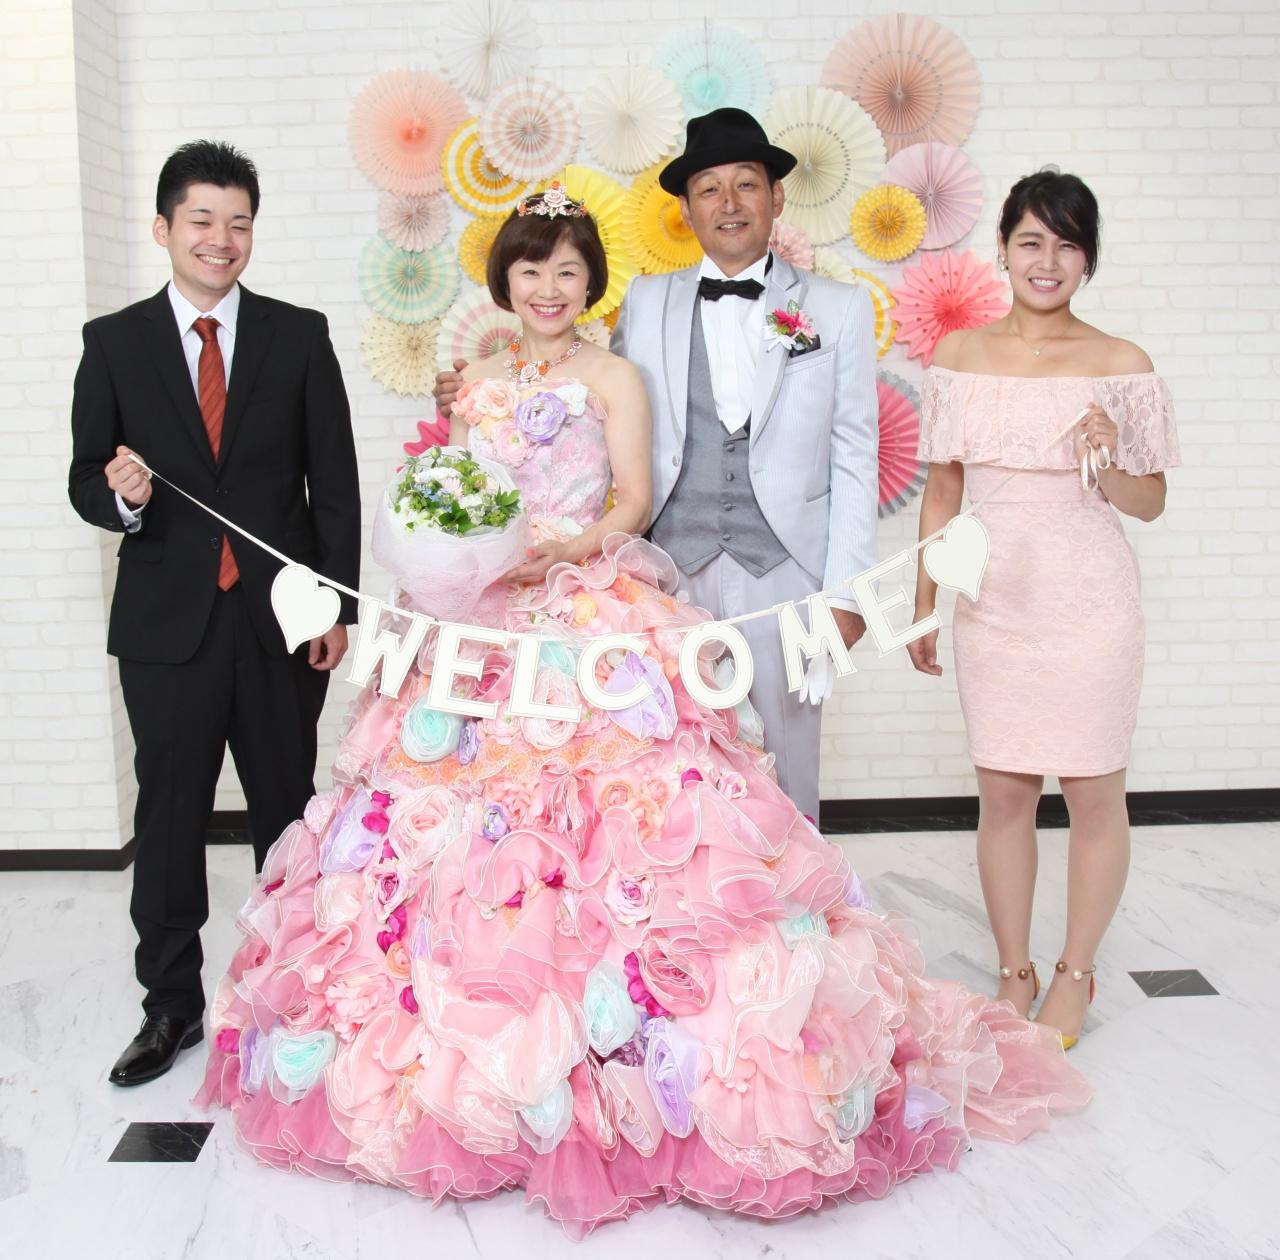 ファミリーフォトウエディング~節目の銀婚式や金婚式は花嫁衣裳を着て記念写真を残しませんか